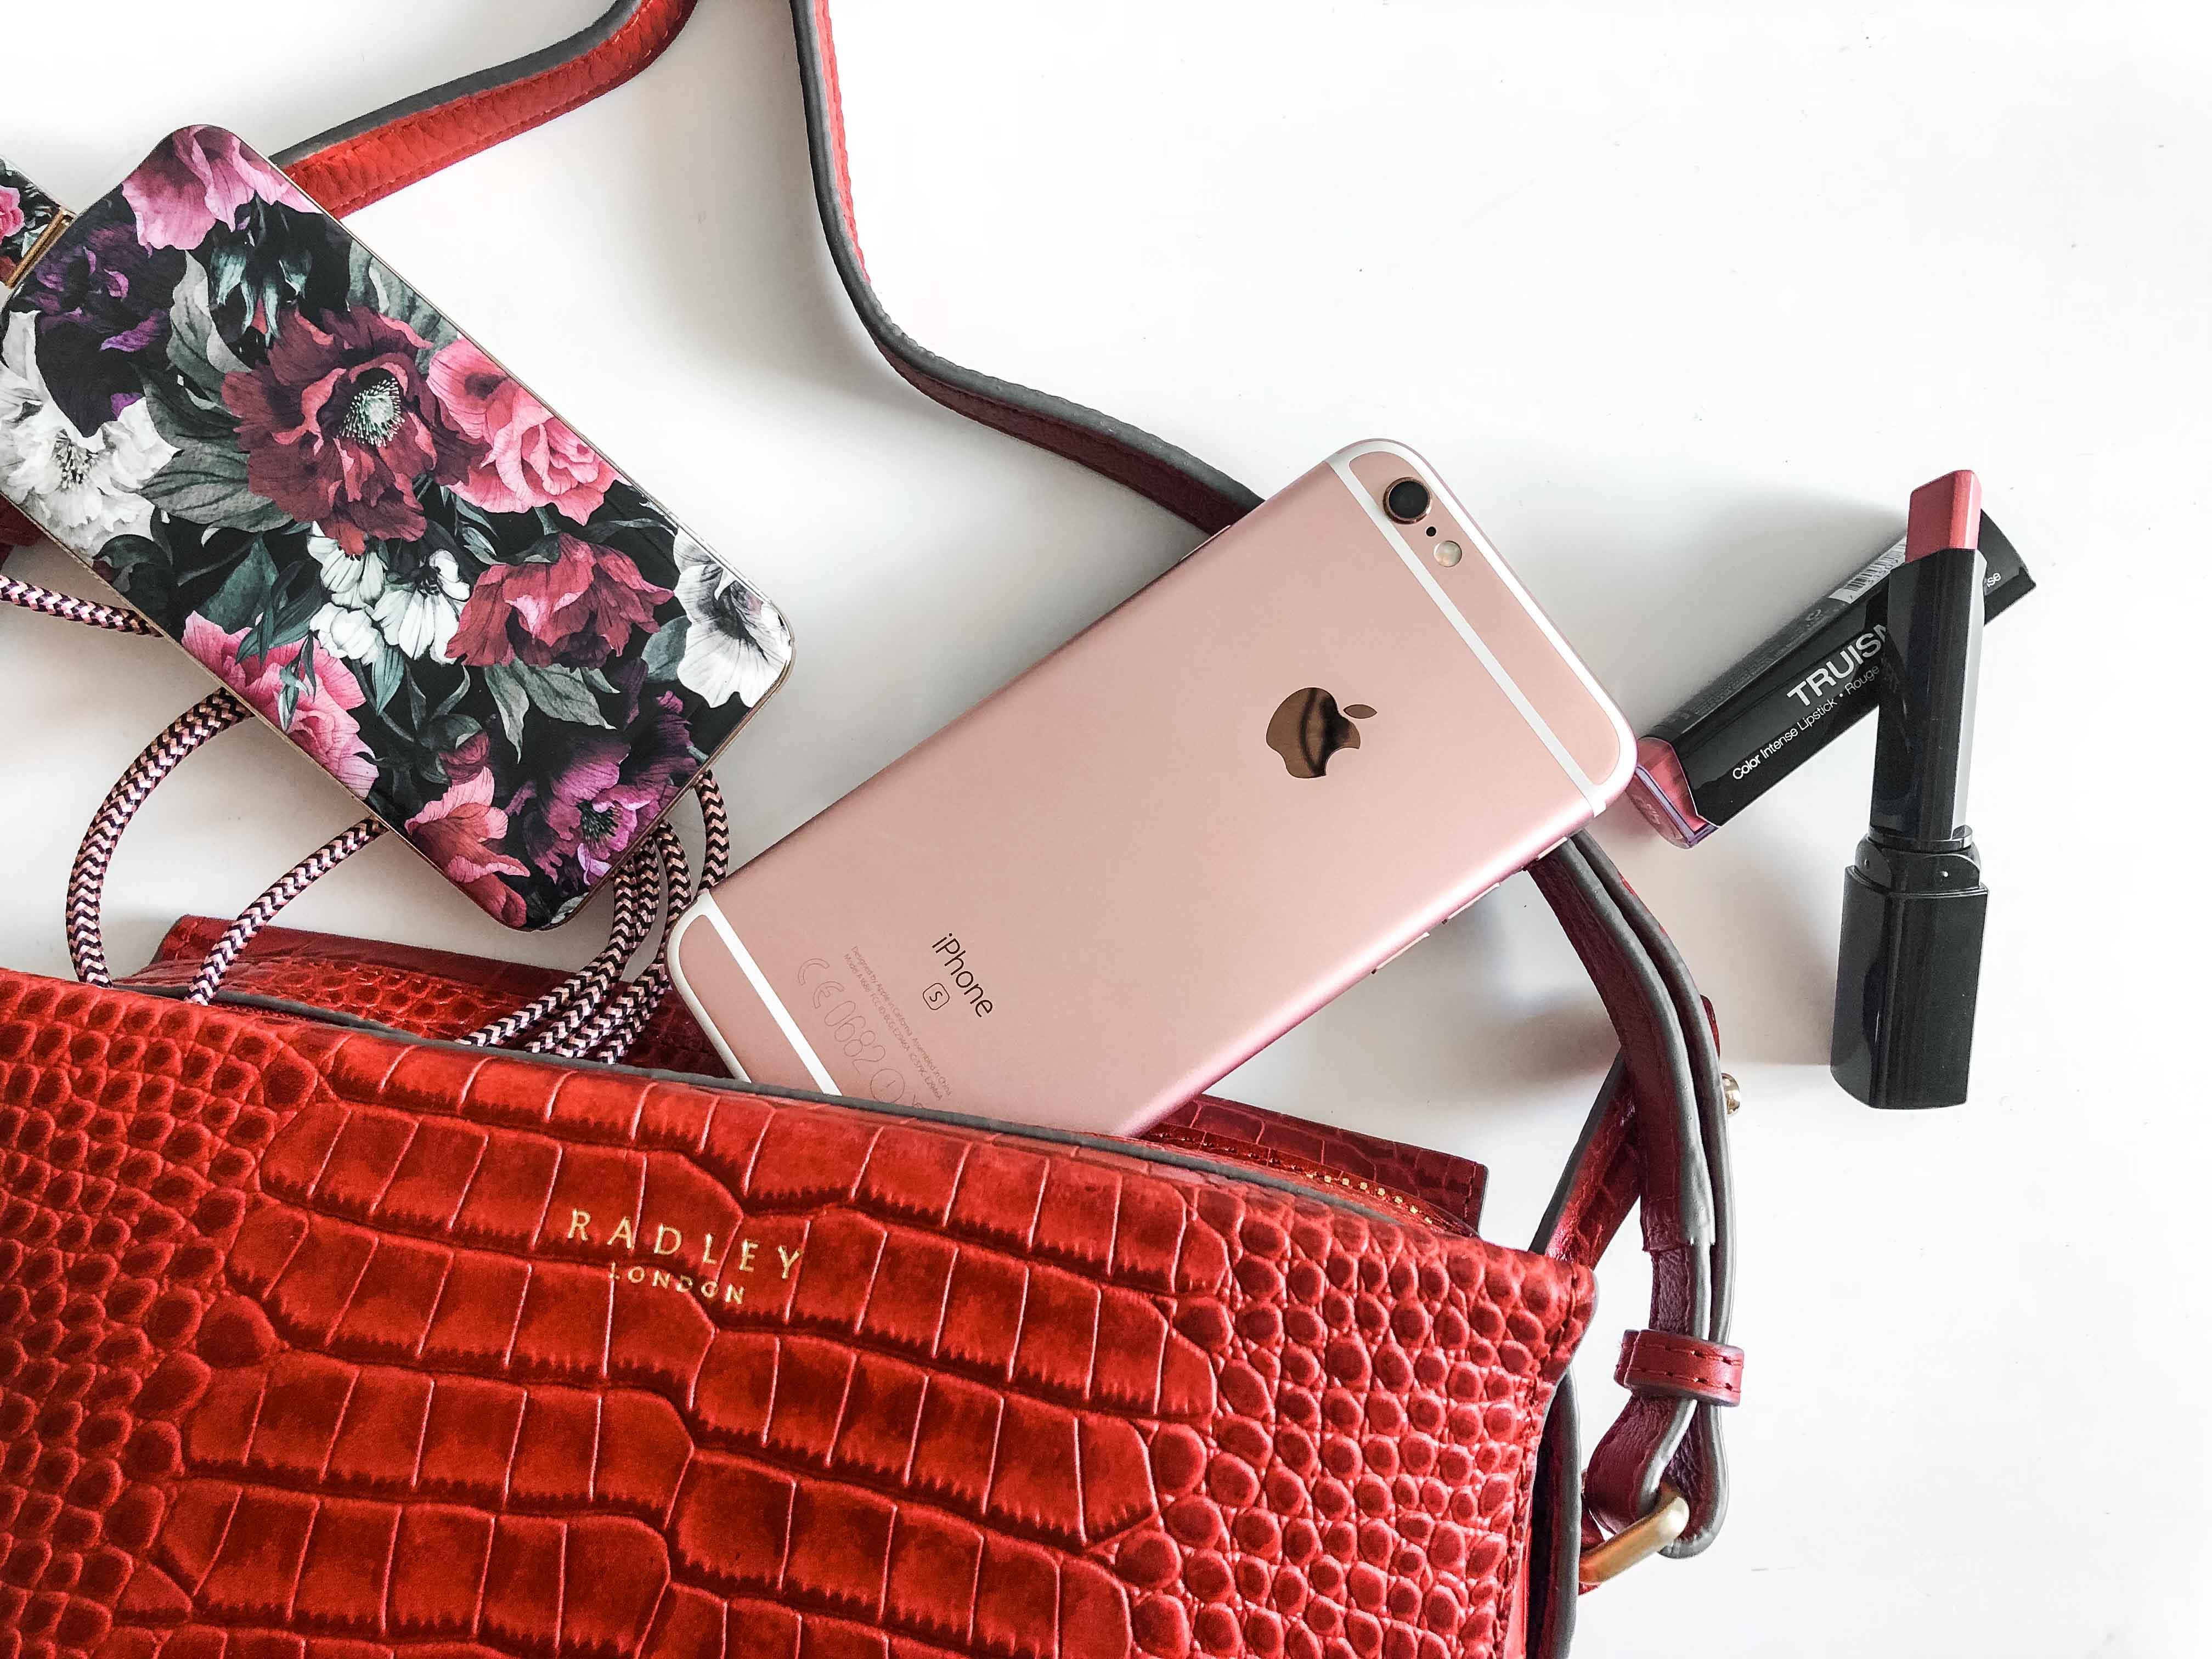 What's in my bag, Handtasche, Tasche, Radley, Fashionblog, München, Katefully, Umhängetasche, Crossbag, Jumpsuit, Overall, Streifen, Modeblog